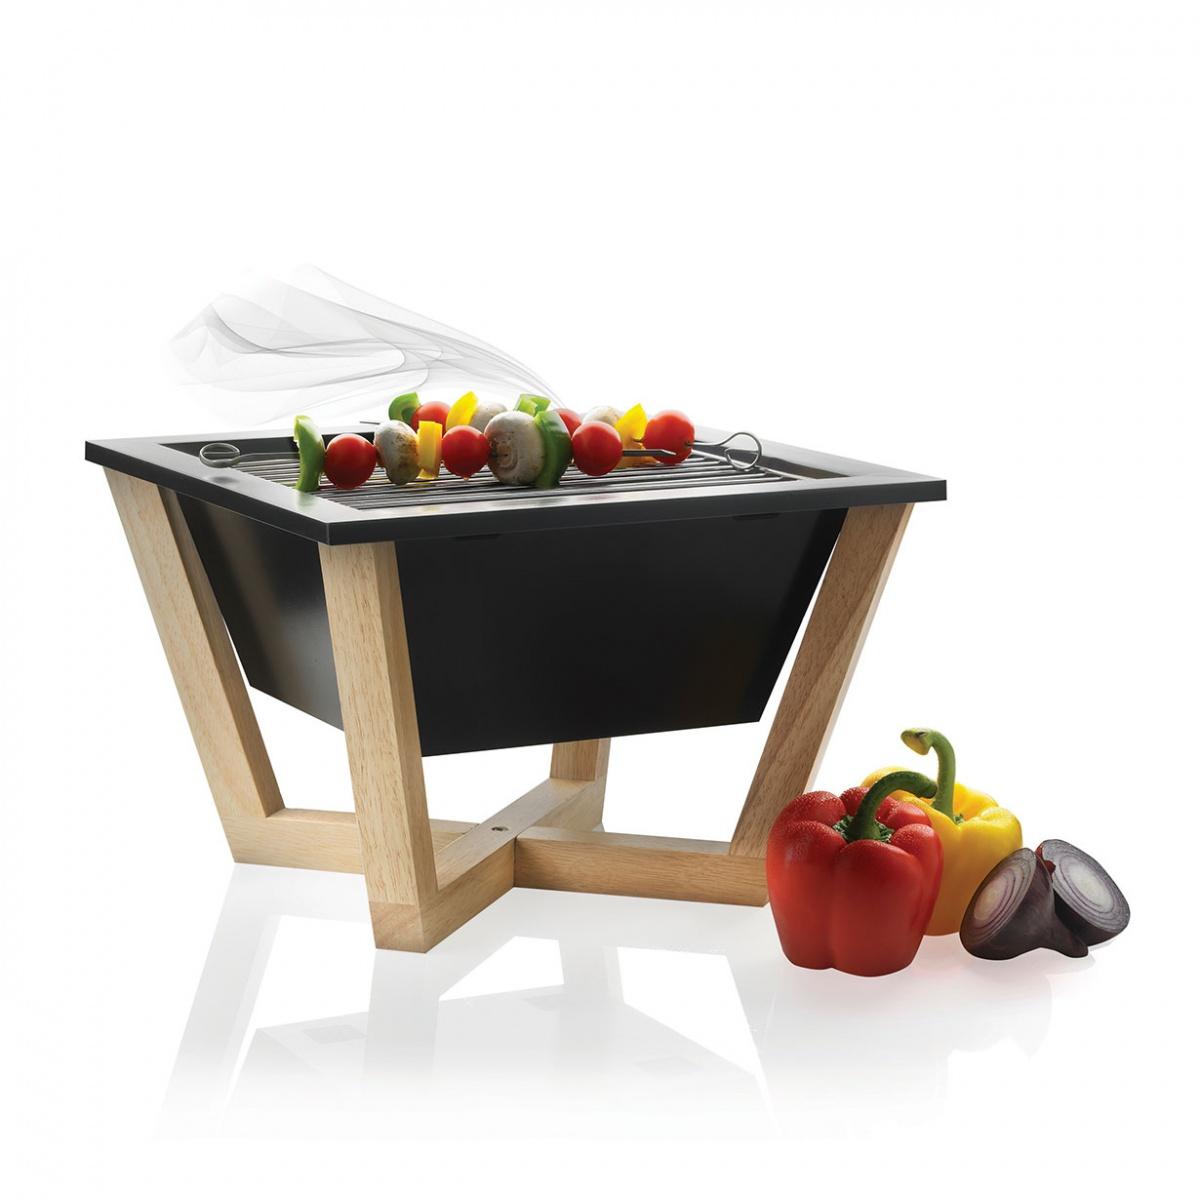 nido il barbecue portatile di xd design arredare con stile. Black Bedroom Furniture Sets. Home Design Ideas